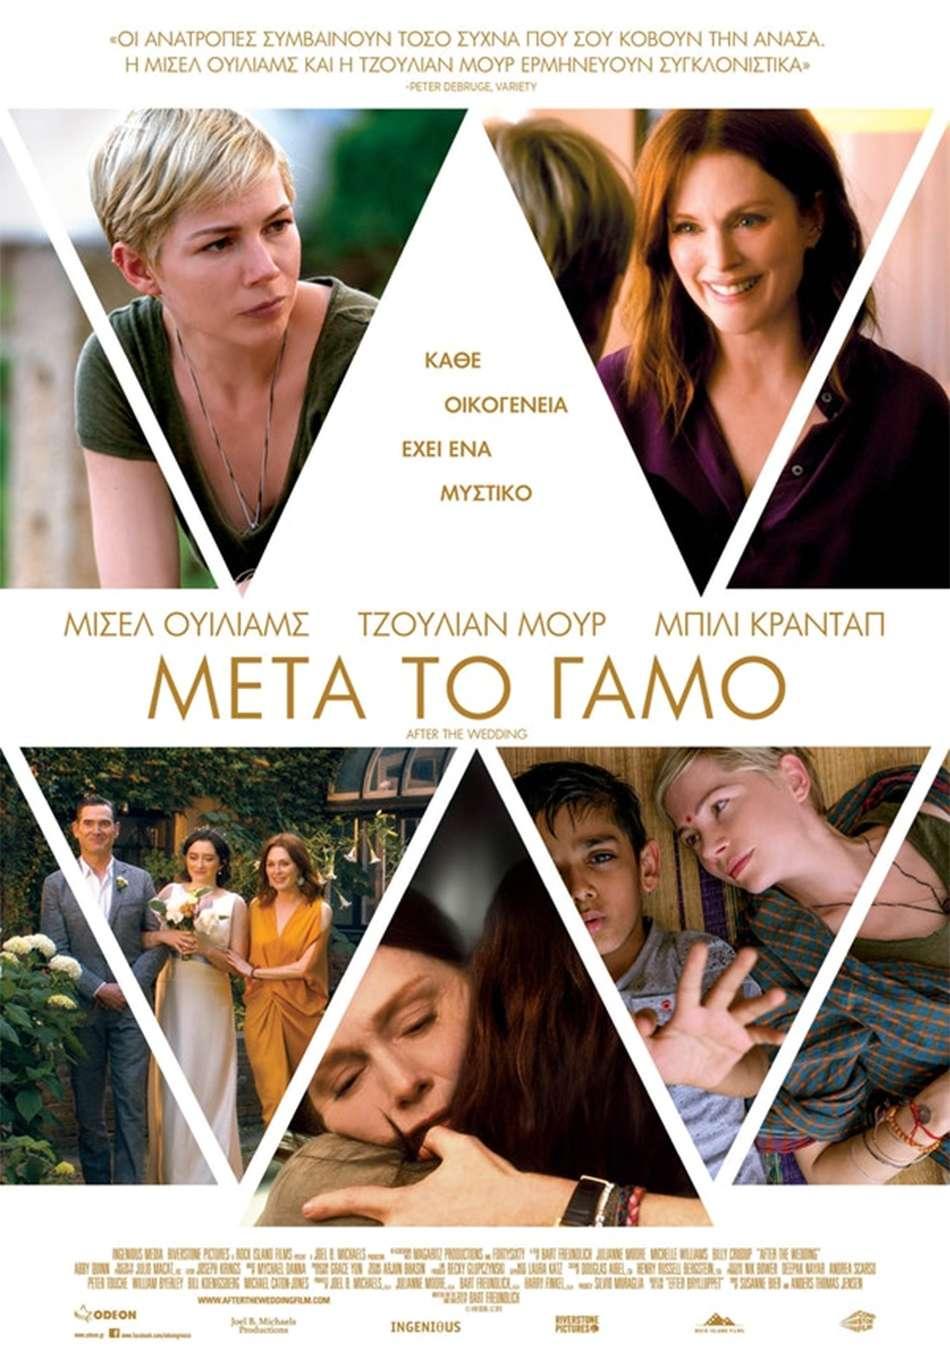 Μετά το Γάμο (After the Wedding) - Trailer / Τρέιλερ Poster